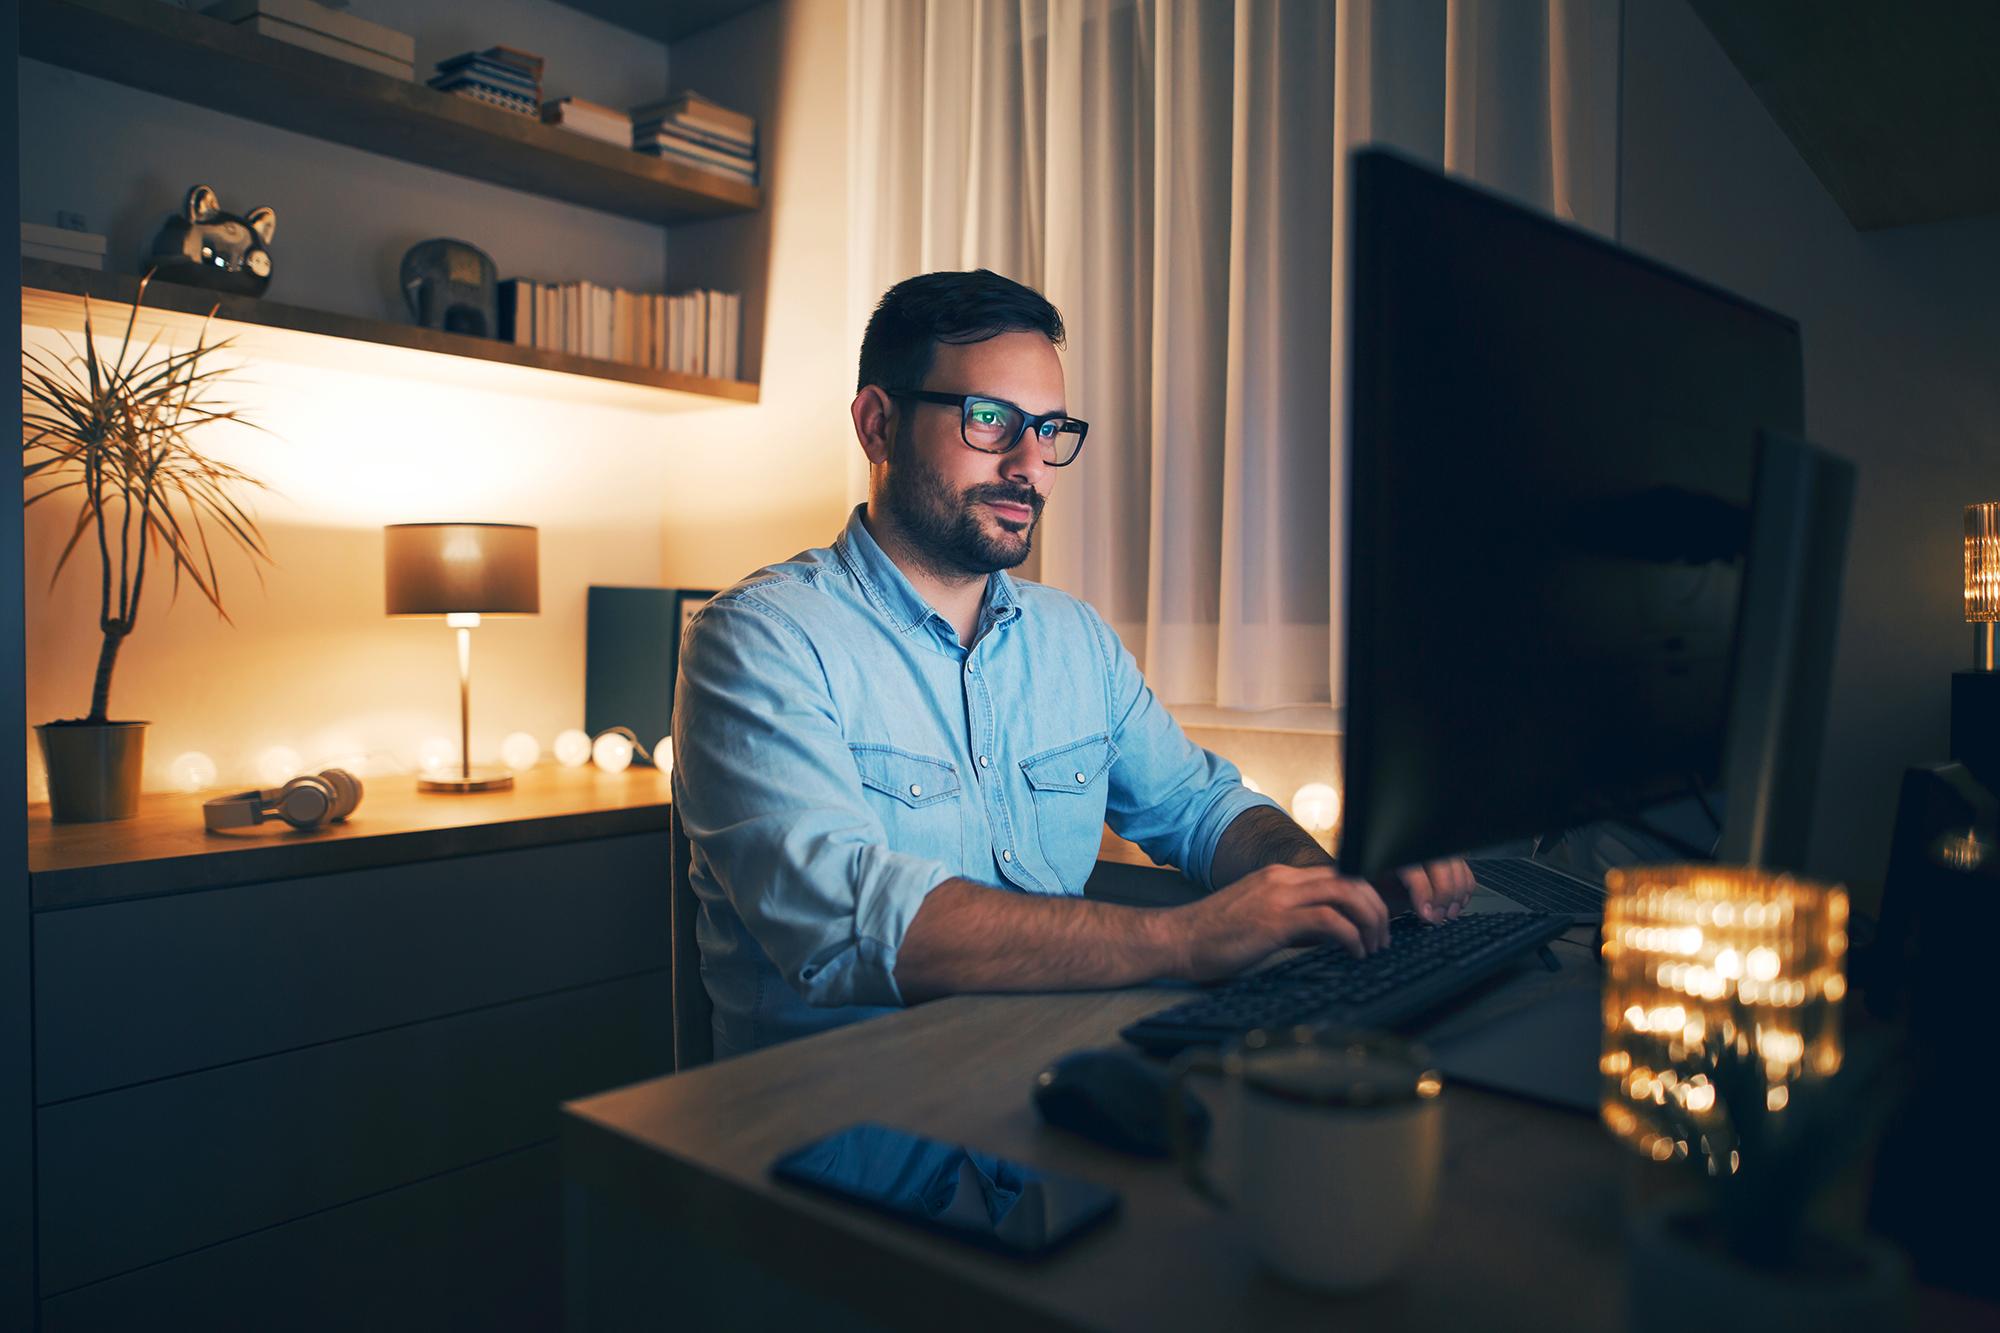 Homem de óculos mexendo em seu computador